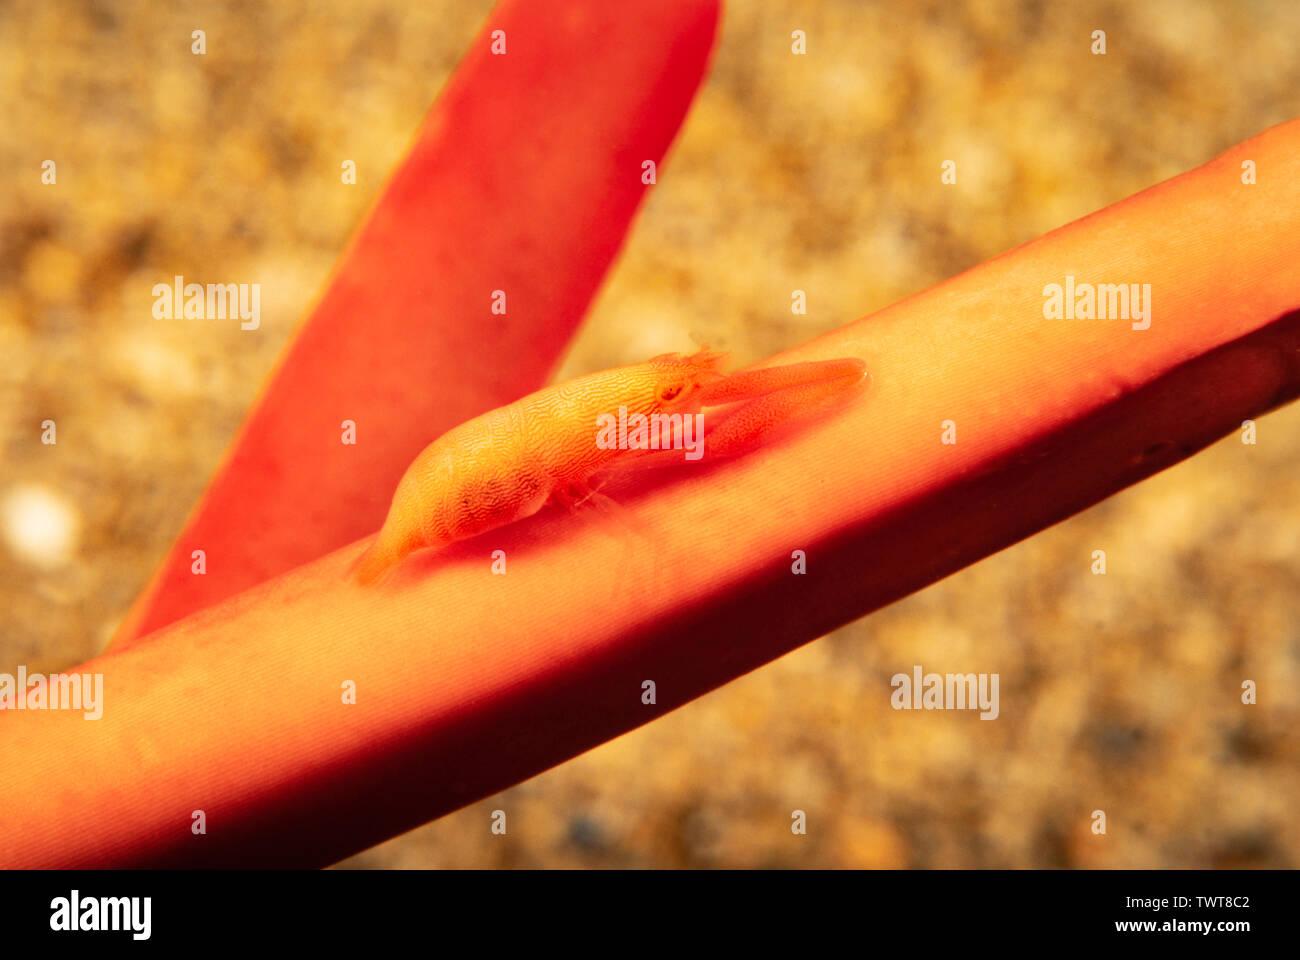 Il rosso matite di ardesia urchin gamberetti, Levicaris mammillata, è stato a lungo ritenuto essere endemica, ma ora è stata trovata in Giappone, Hawaii. Foto Stock